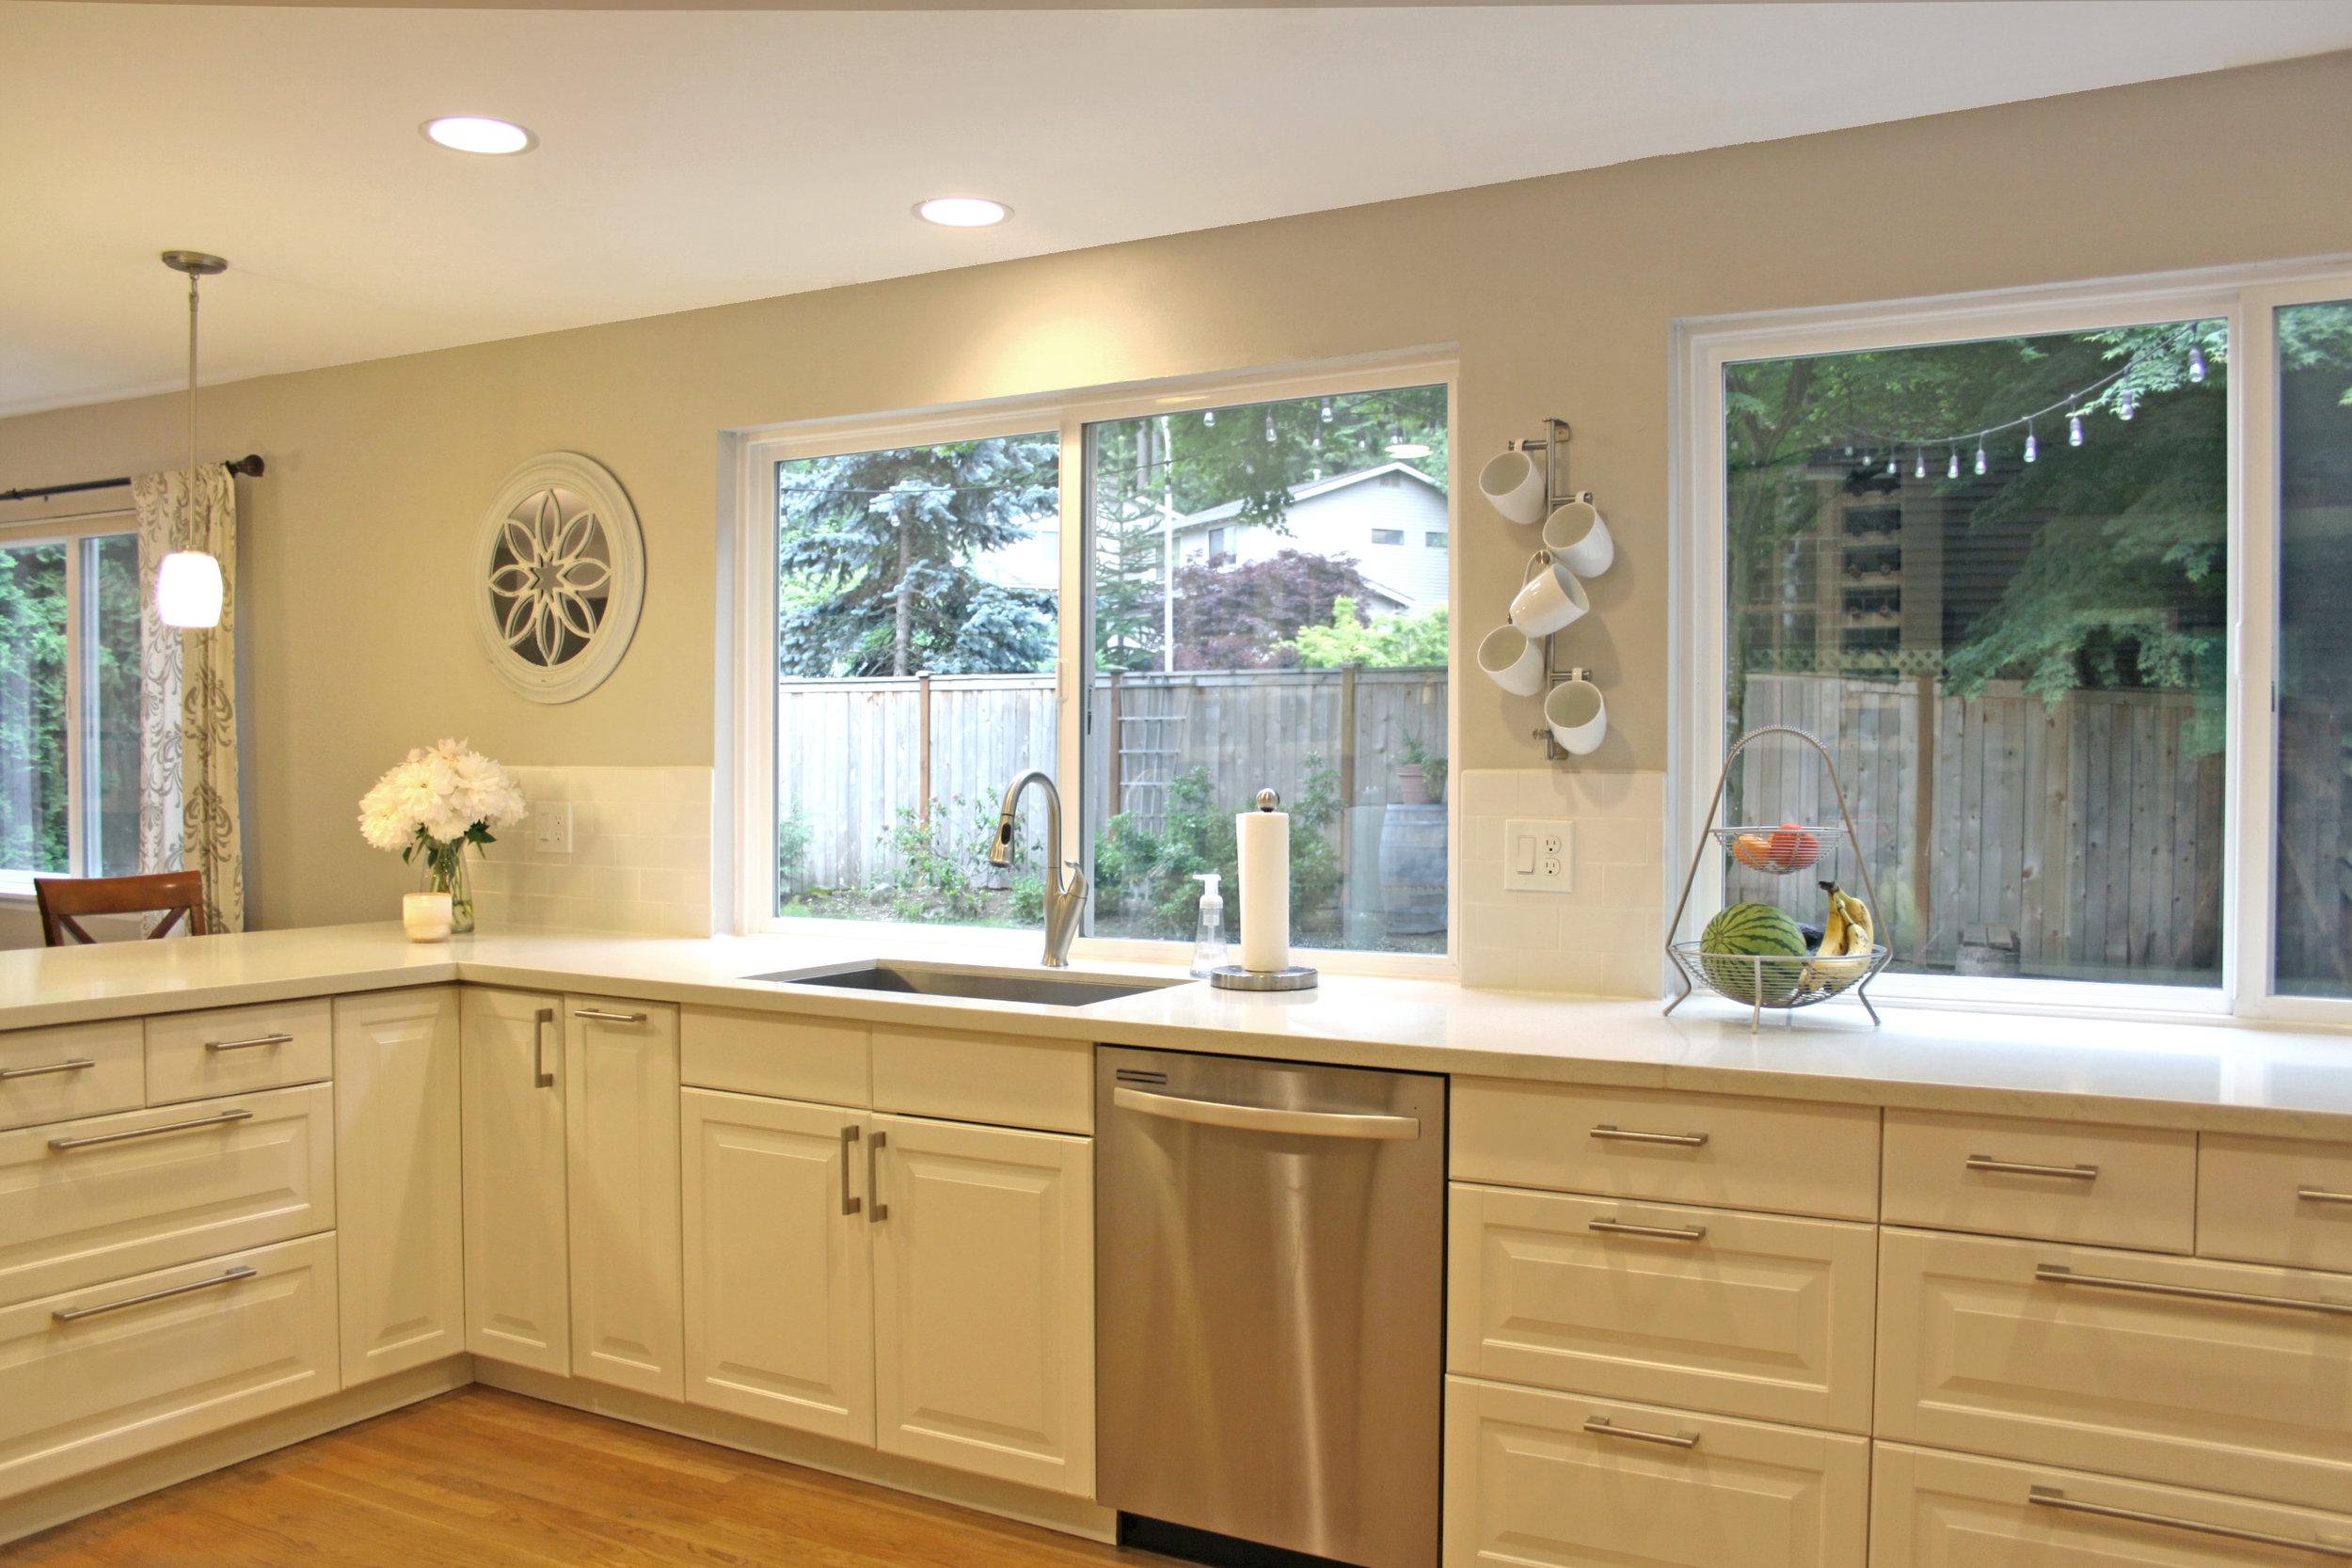 kitchen_sink.jpg